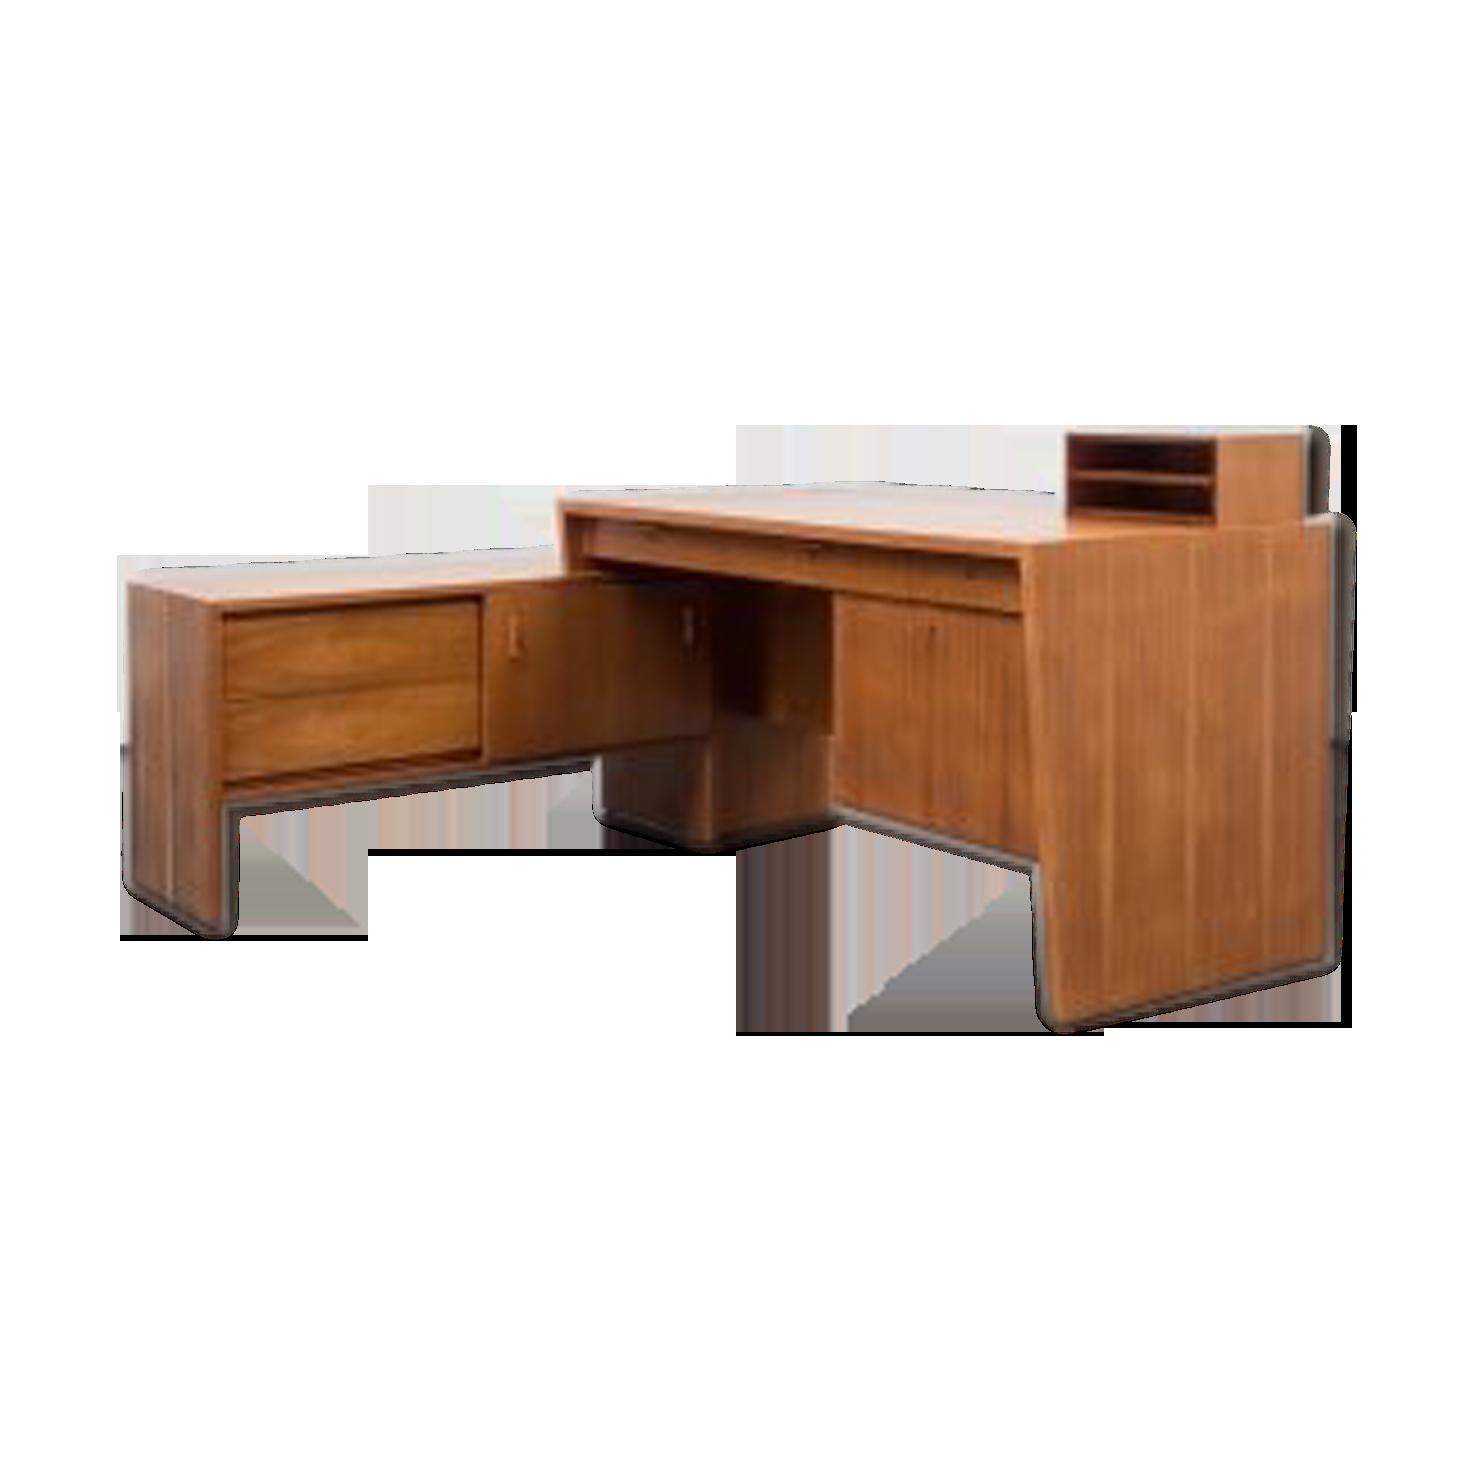 Bureau années en forme de l noyer bois matériau bois